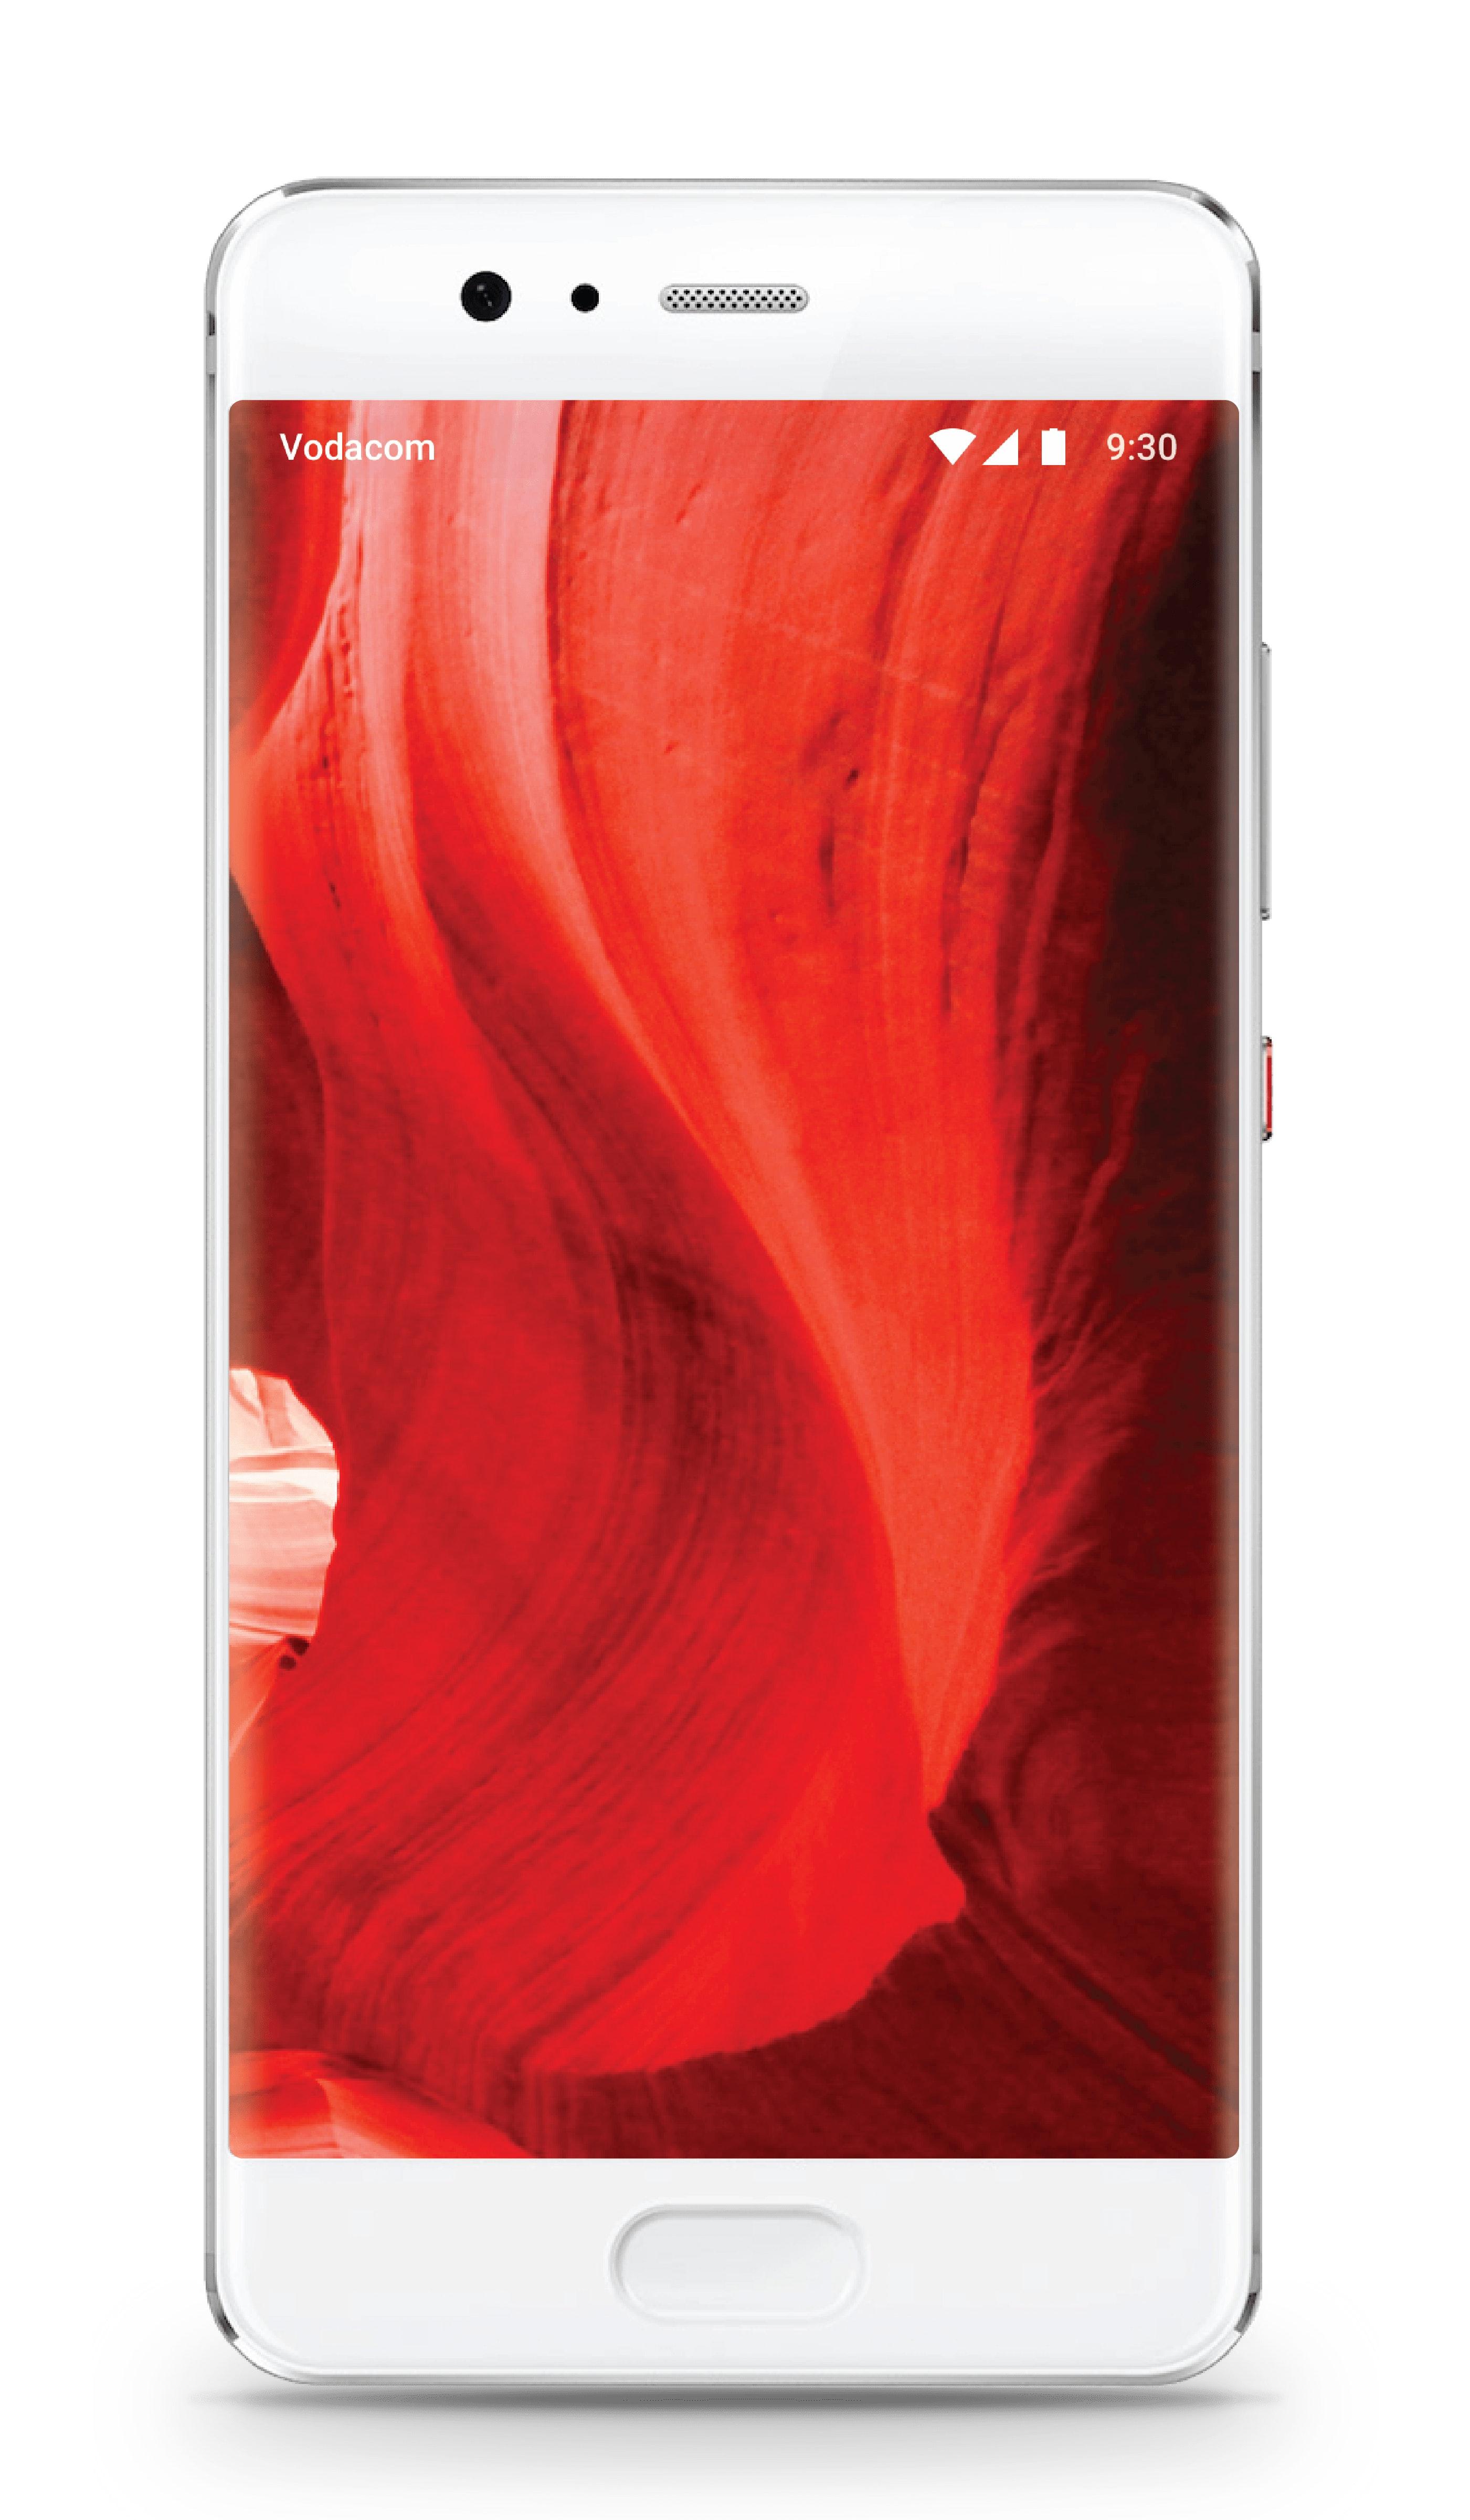 Huawei P10 image